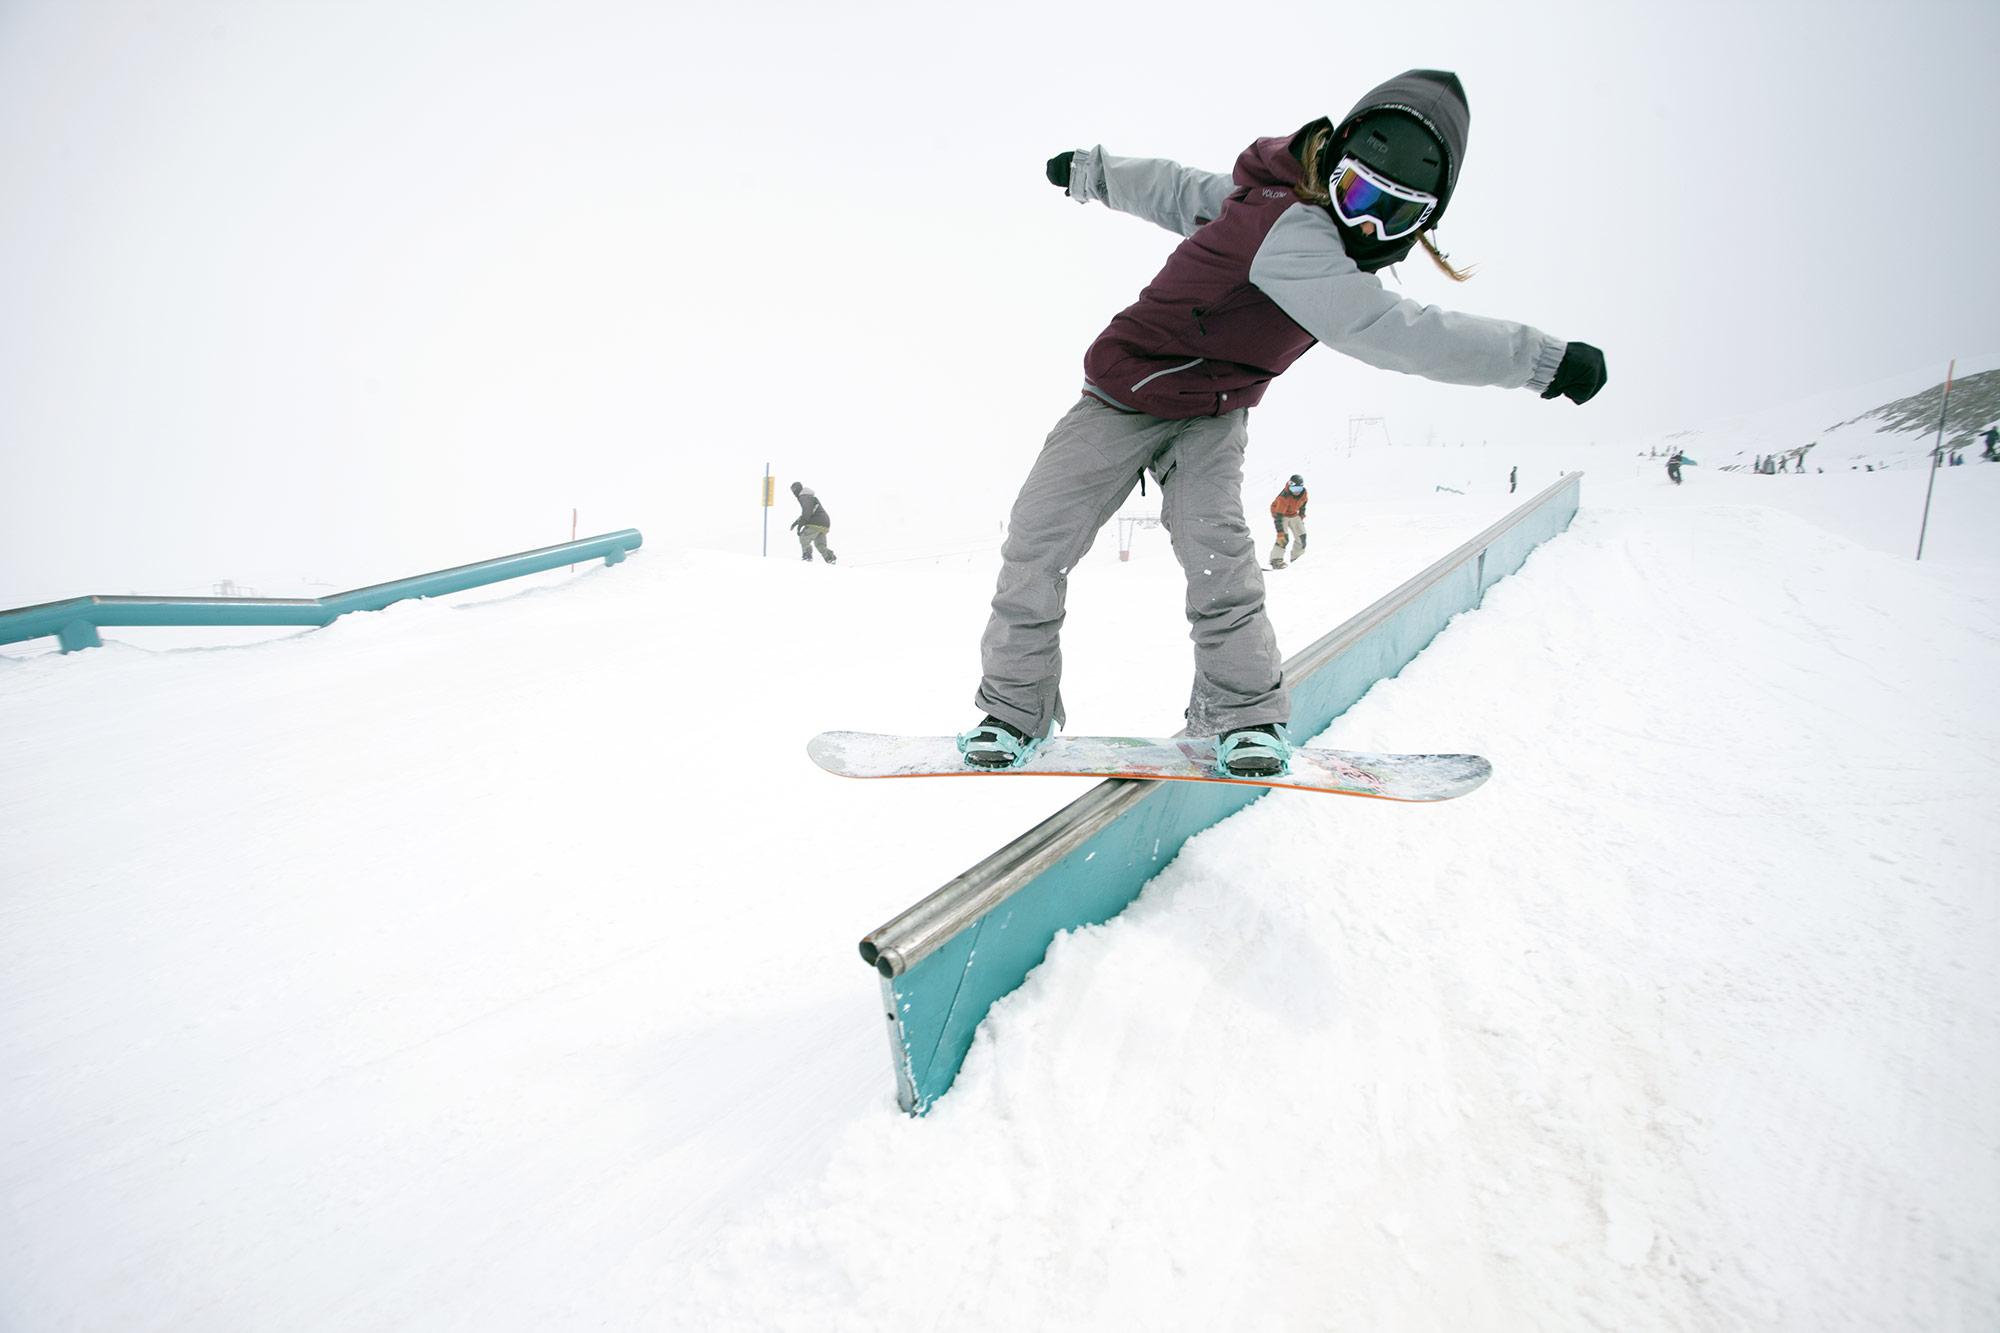 vfl-_-meneghetti_snowboard_-07-2016